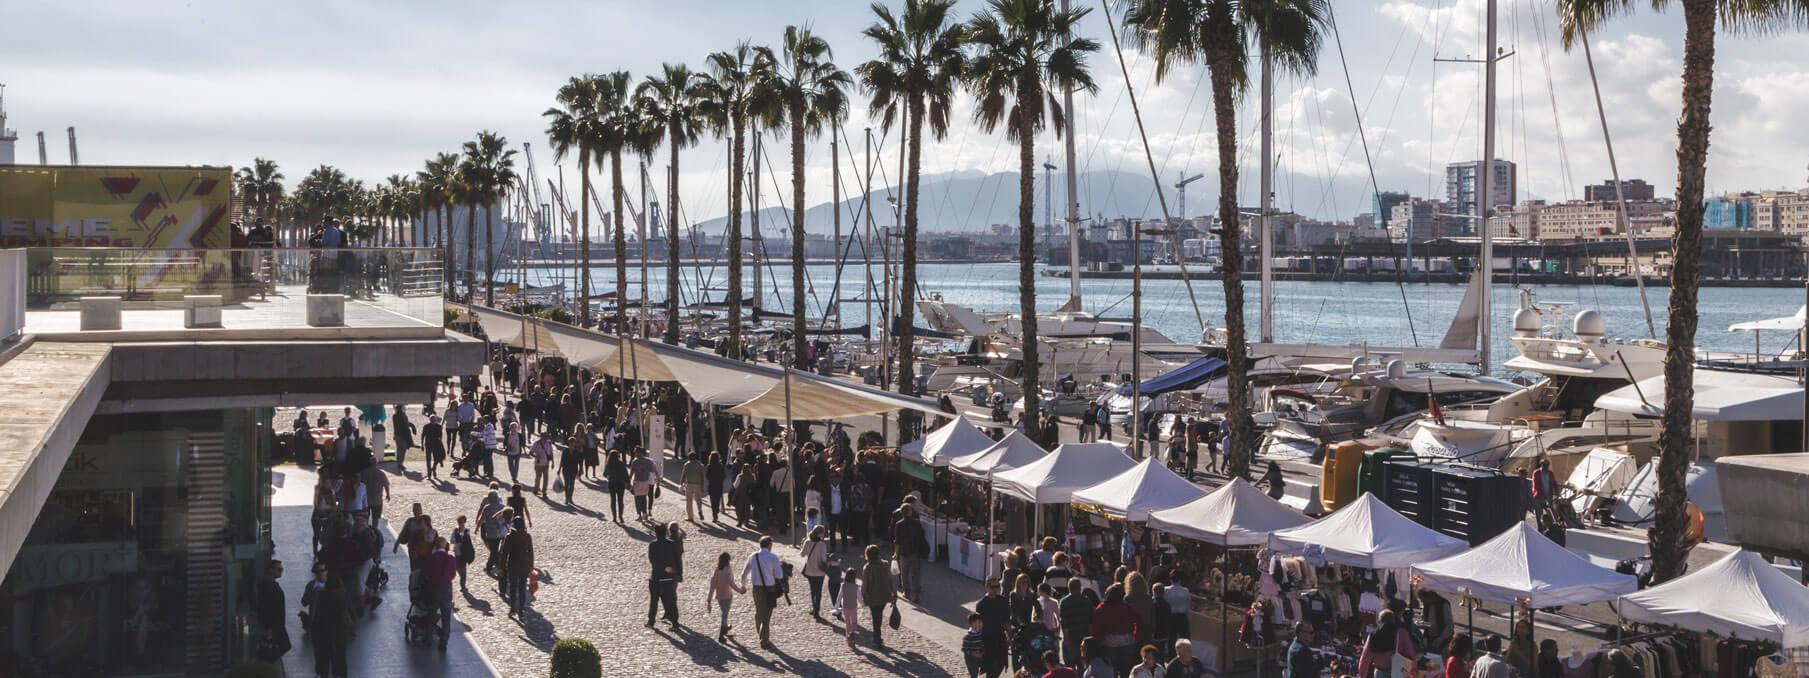 Muelle uno market